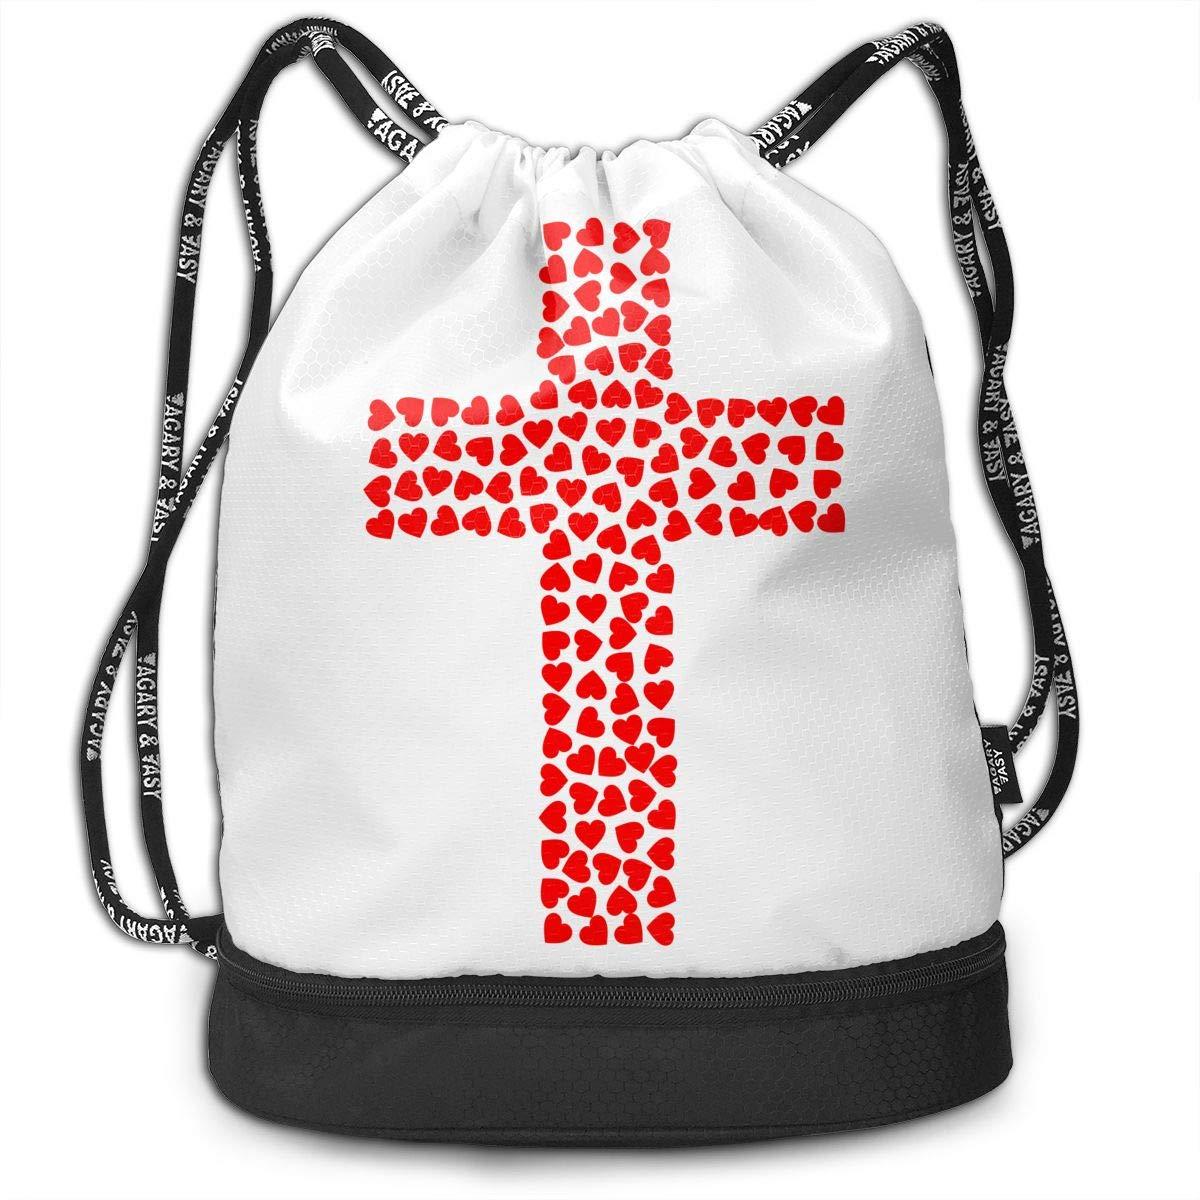 HUOPR5Q Catholic Drawstring Backpack Sport Gym Sack Shoulder Bulk Bag Dance Bag for School Travel